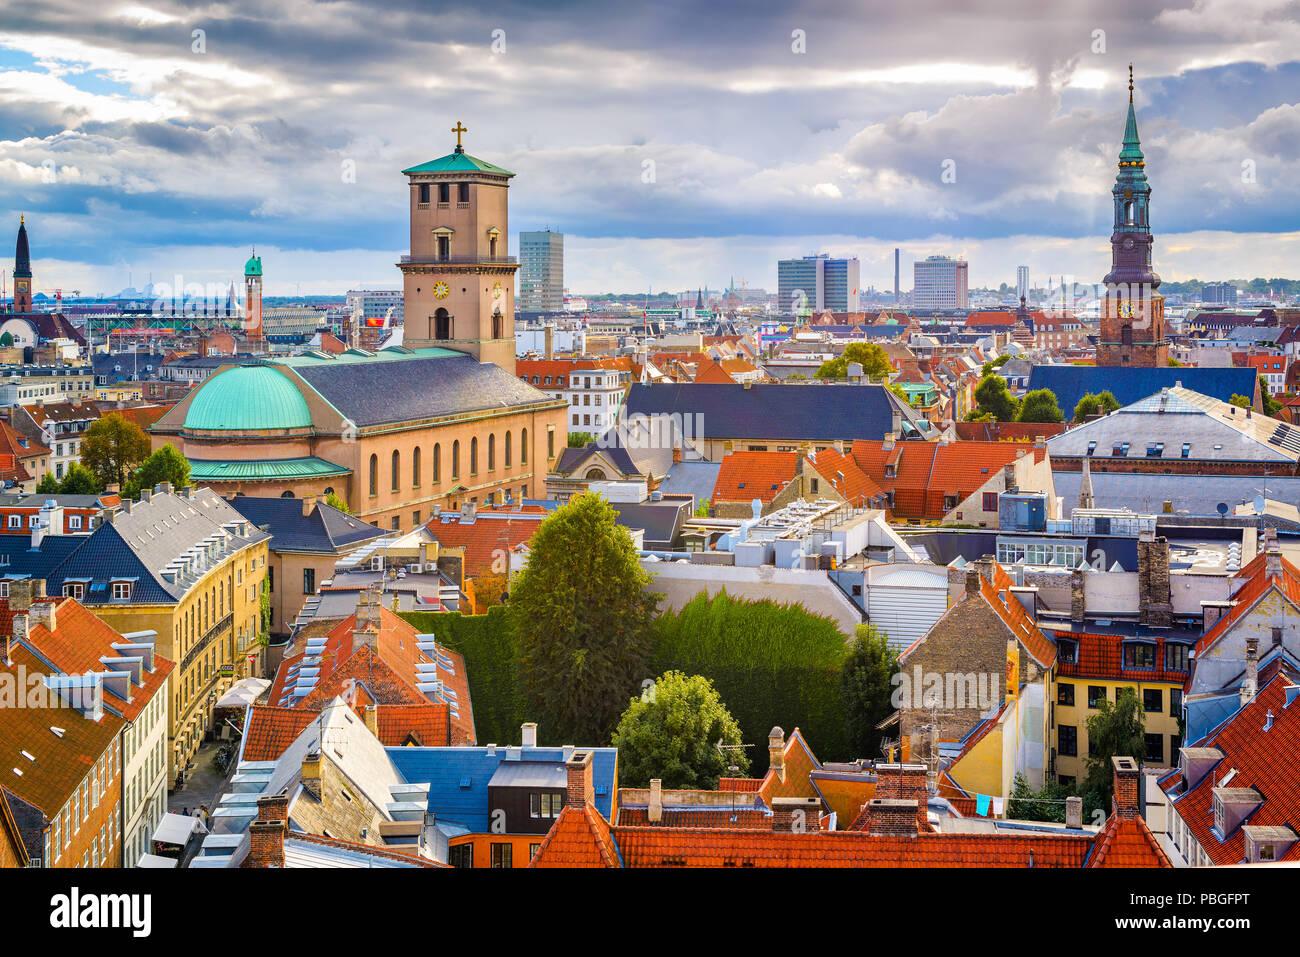 Copenhague, Dinamarca, el horizonte de la ciudad vieja. Imagen De Stock